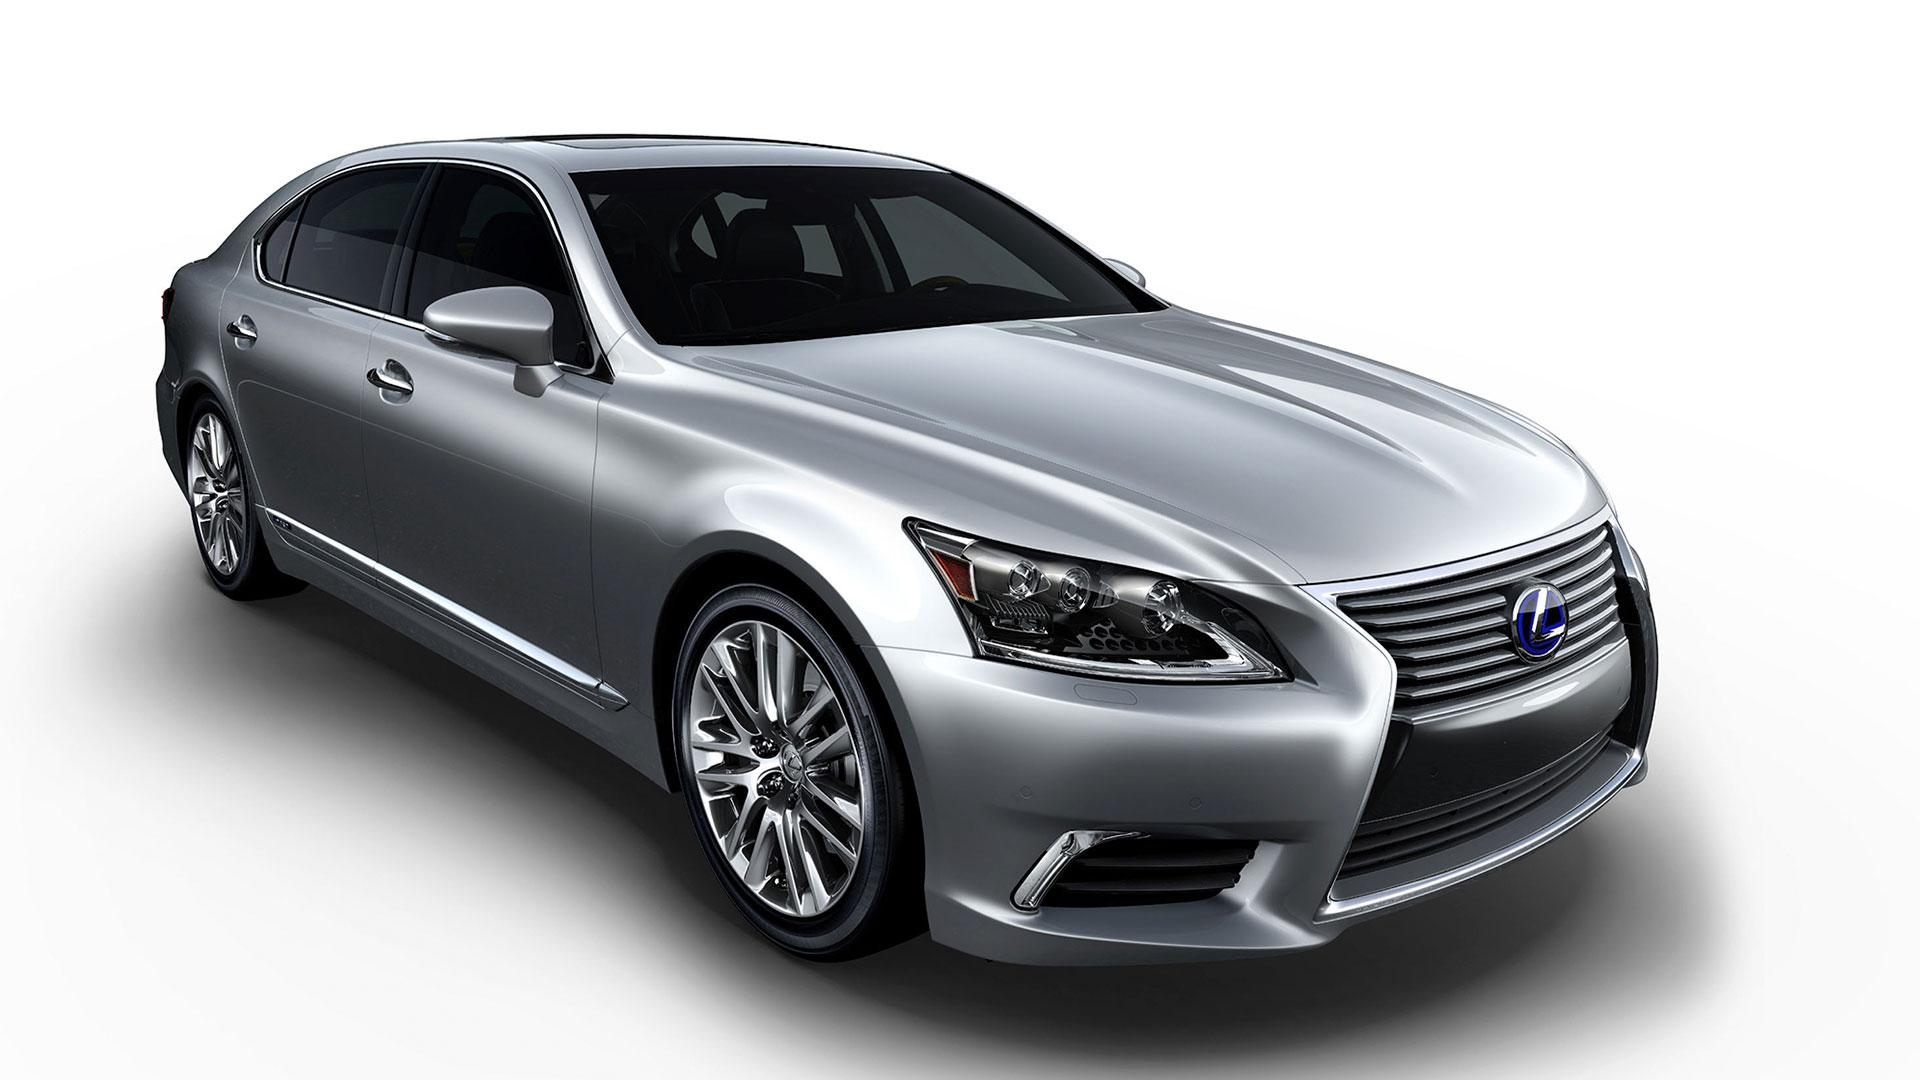 Gama y precios Lexus LS 600h hero asset